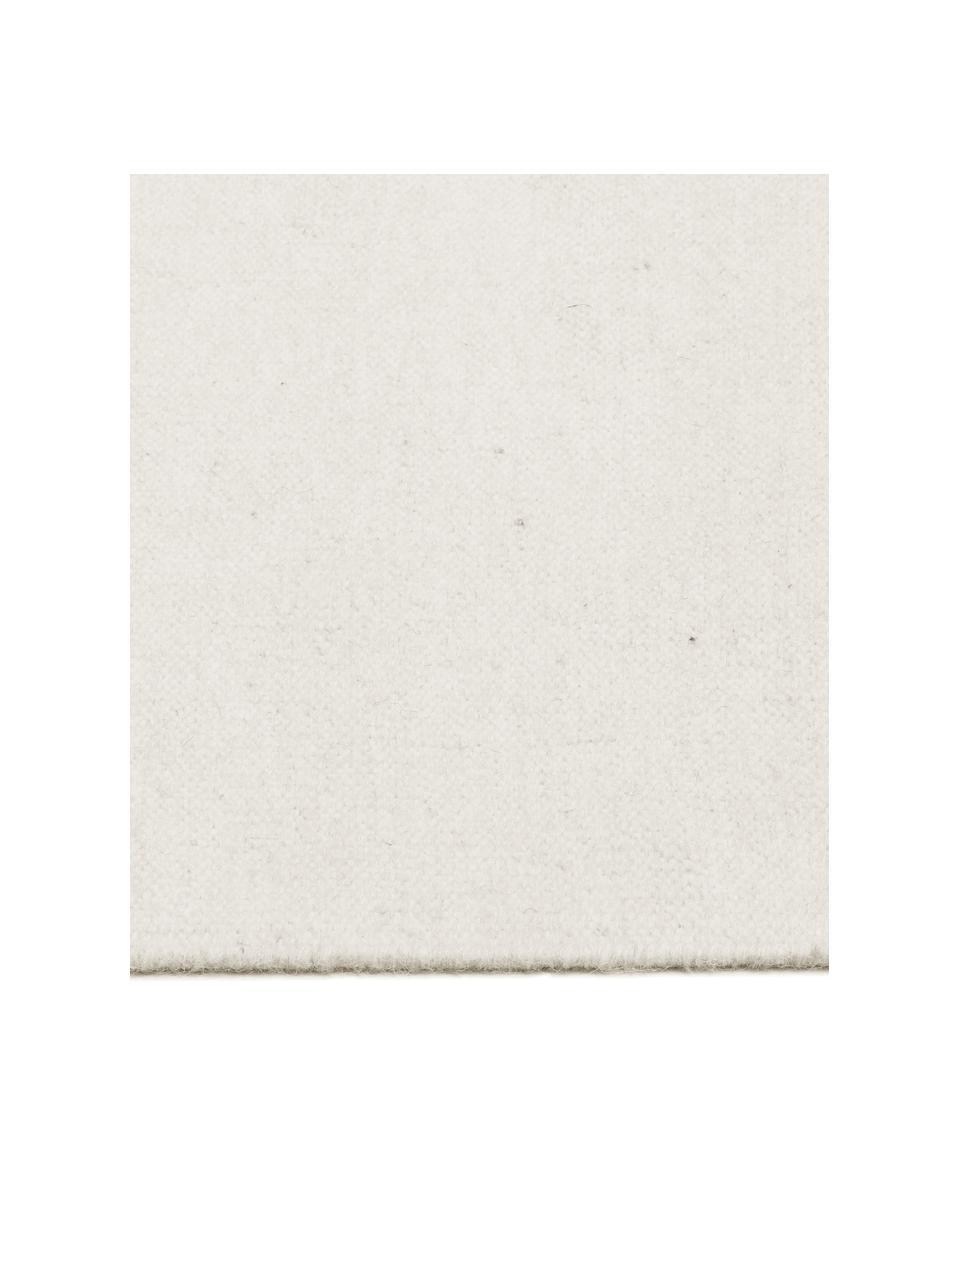 Handgewebter Kelimteppich Rainbow aus Wolle in Offwhite mit Fransen, Fransen: 100% Baumwolle Bei Wollte, Naturweiß, B 170 x L 240 cm (Größe M)